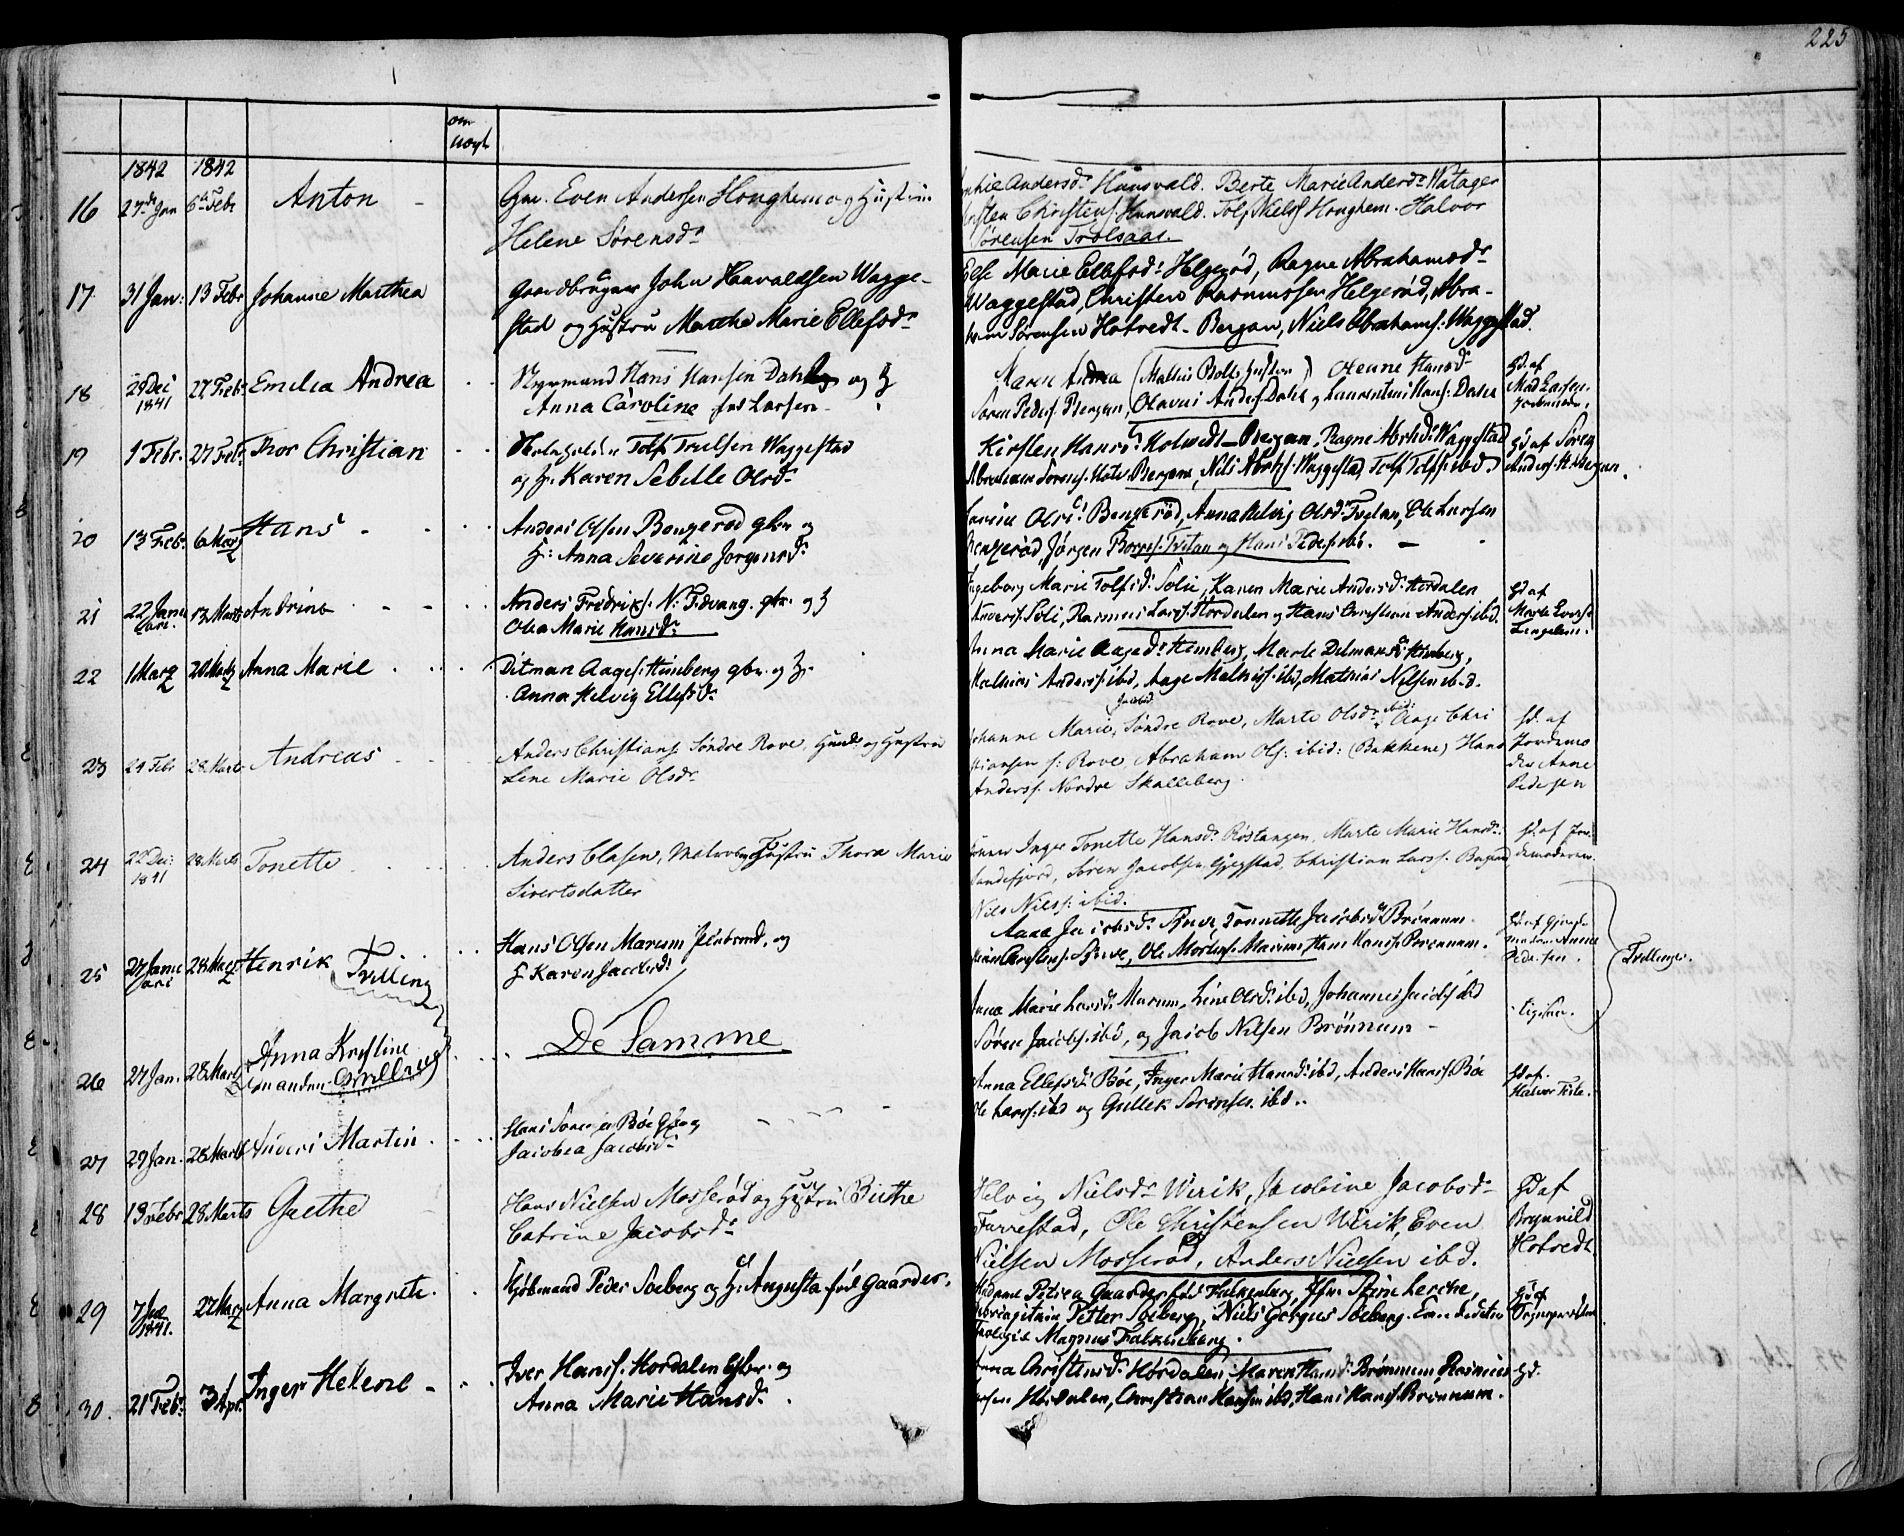 SAKO, Sandar kirkebøker, F/Fa/L0005: Ministerialbok nr. 5, 1832-1847, s. 224-225